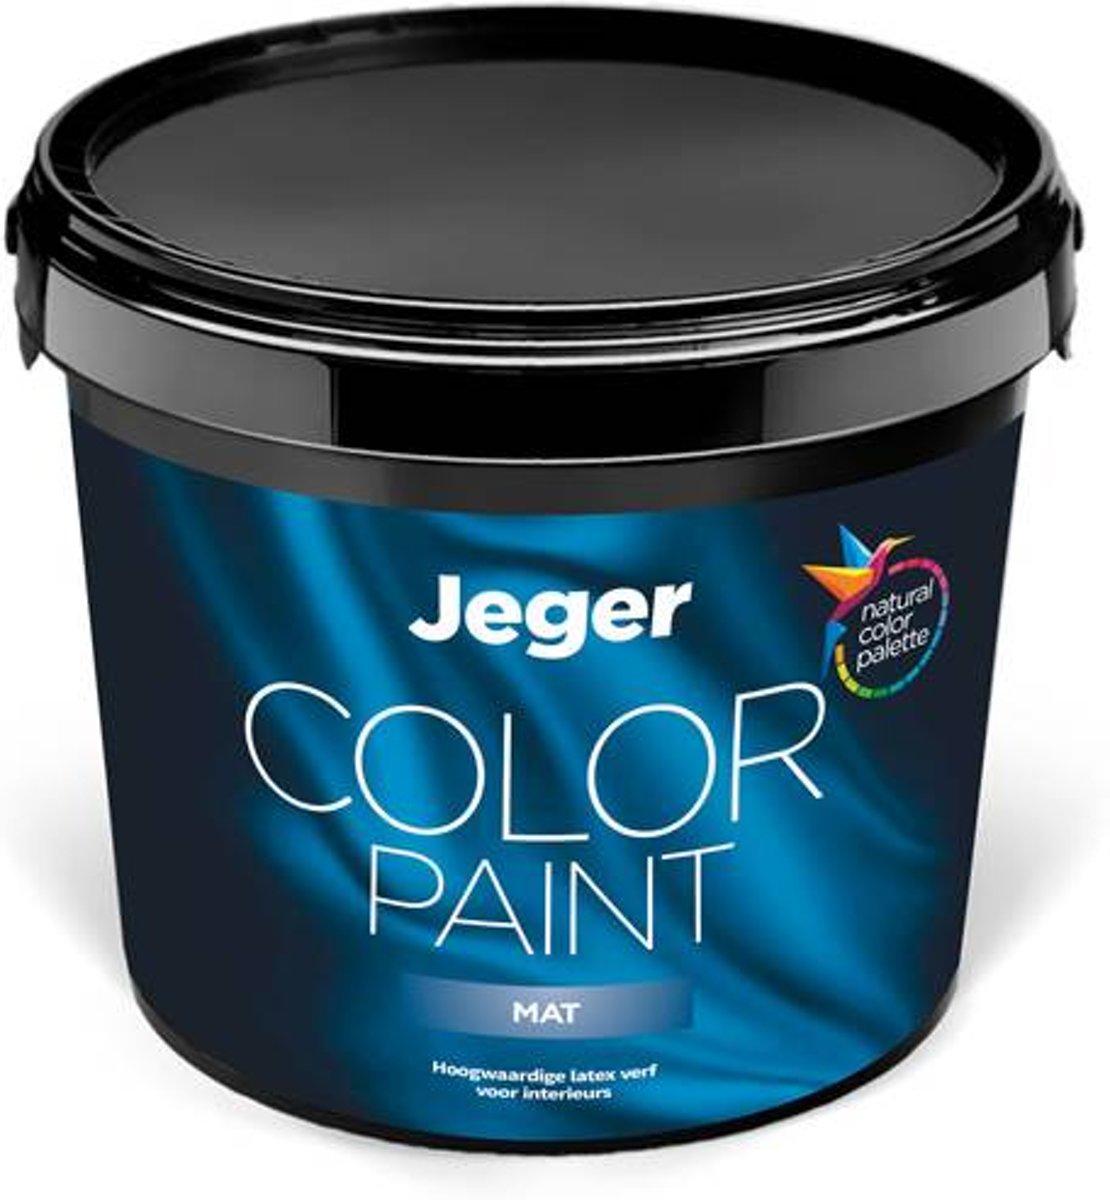 Jeger muurverf Mat voor binnen | 1 liter | Kleur Ultramarijn blauw (RAL 5002) Ultramarijn blauw - 1L